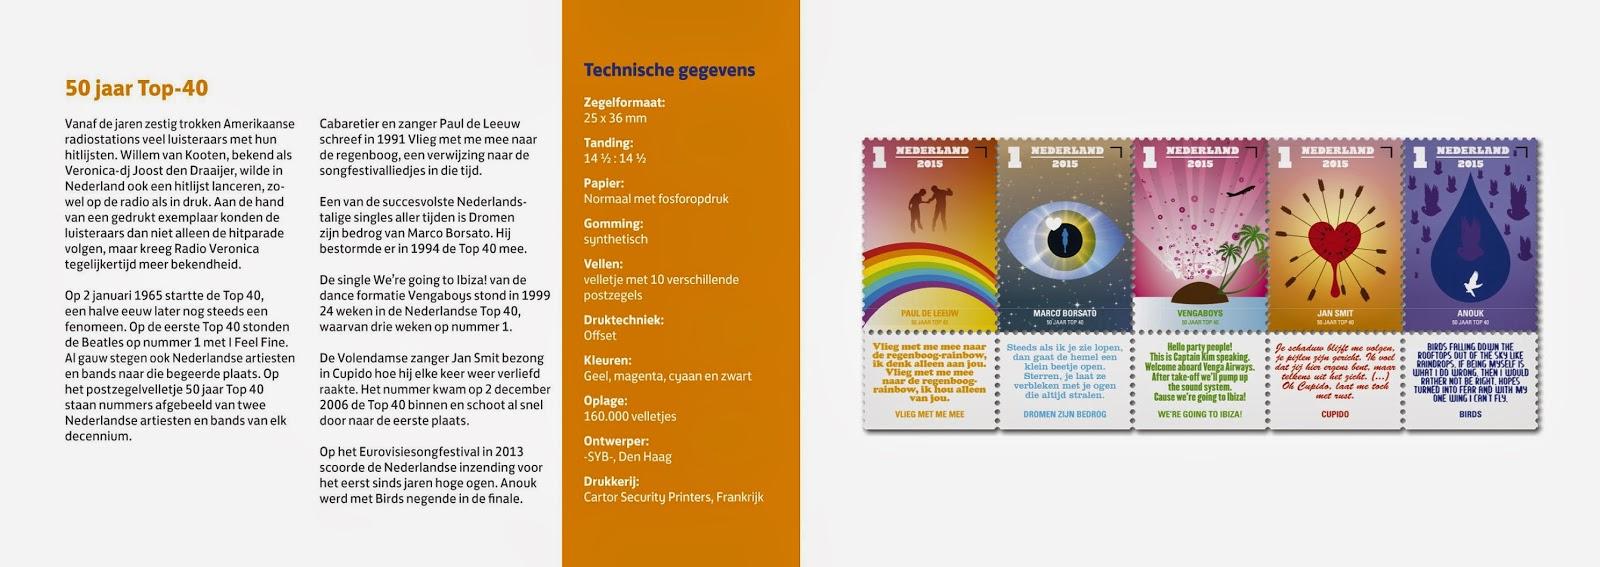 50 jaar top 40 postzegels Nederlandse Top 10 Acts: Viering 50 jaar Top 40 met live  50 jaar top 40 postzegels